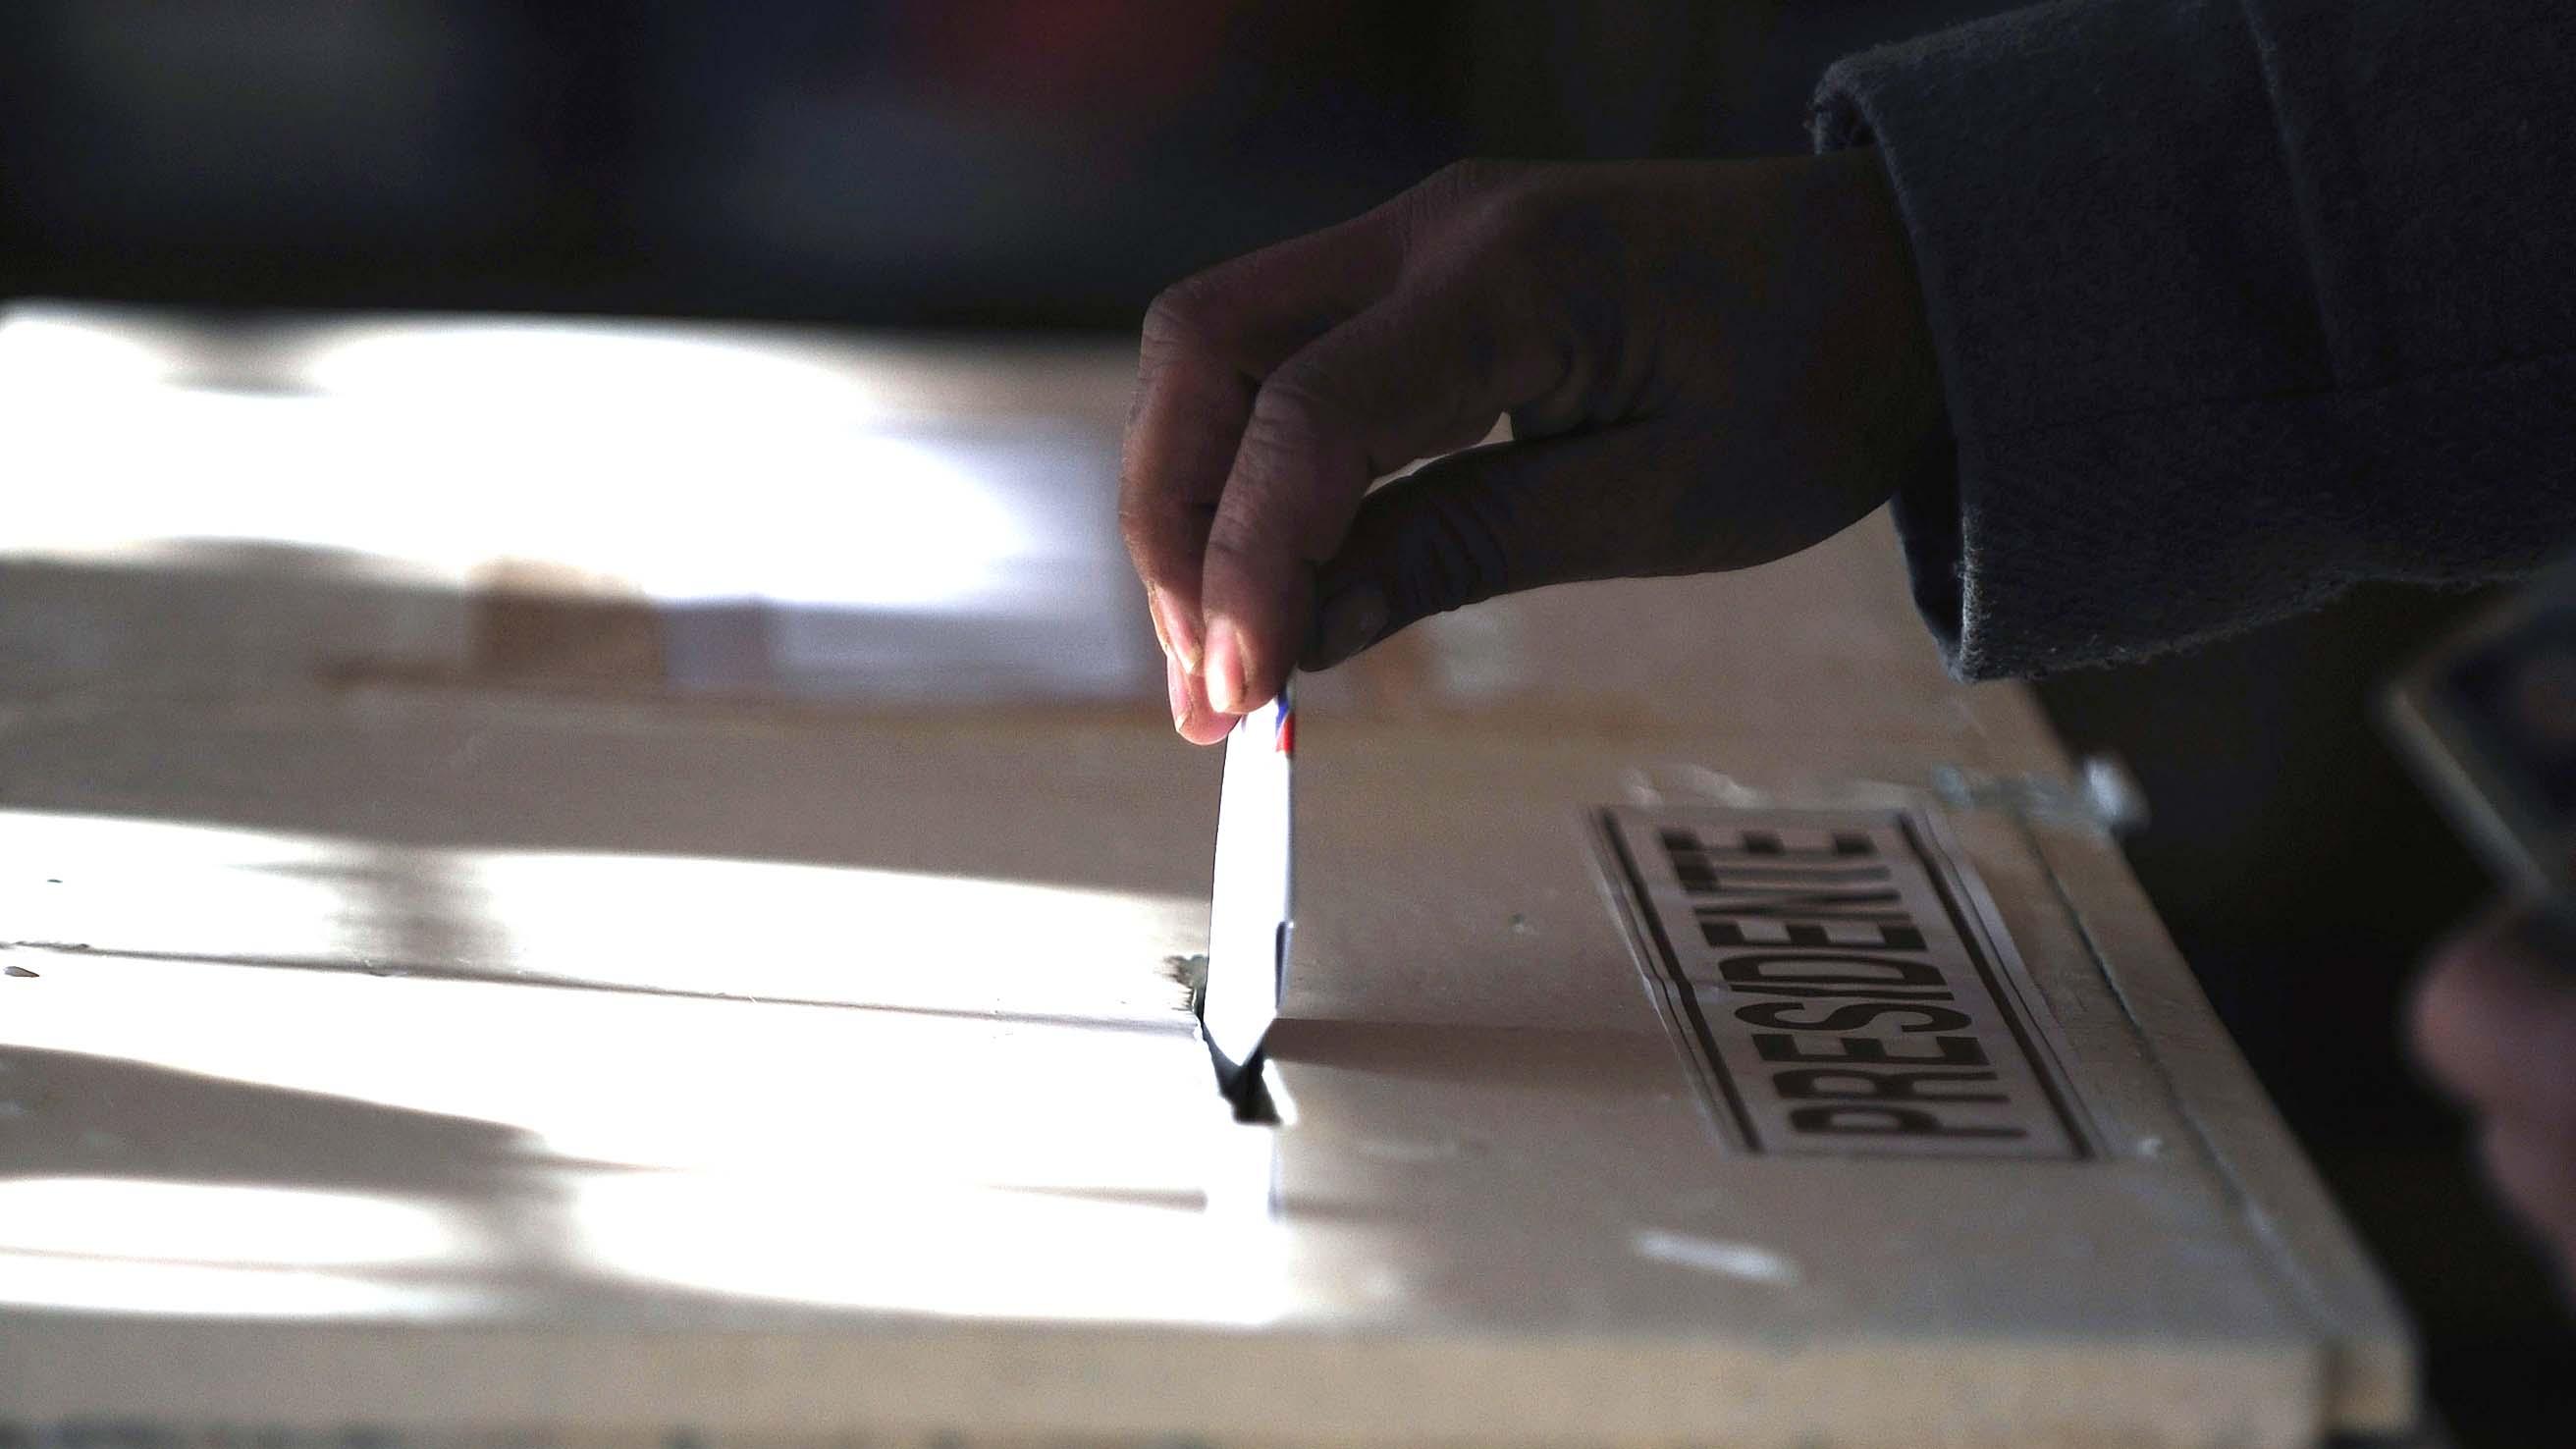 La jornada también servirá para hacer un referéndum que permita eliminar el carácter de delito a las blasfemias